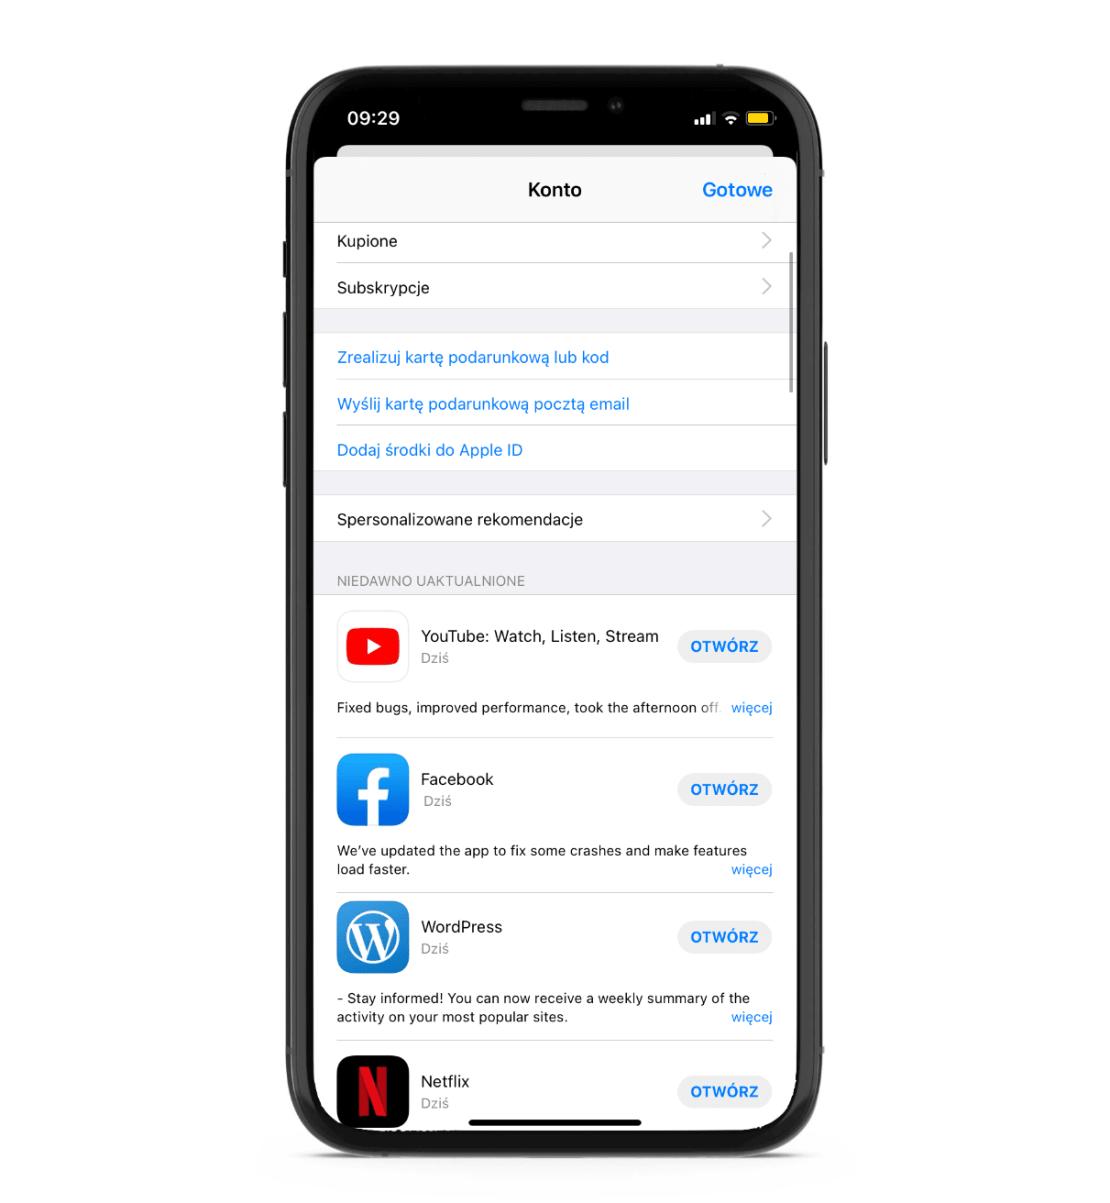 Aktualizacja aplikacji w sklepie App Store